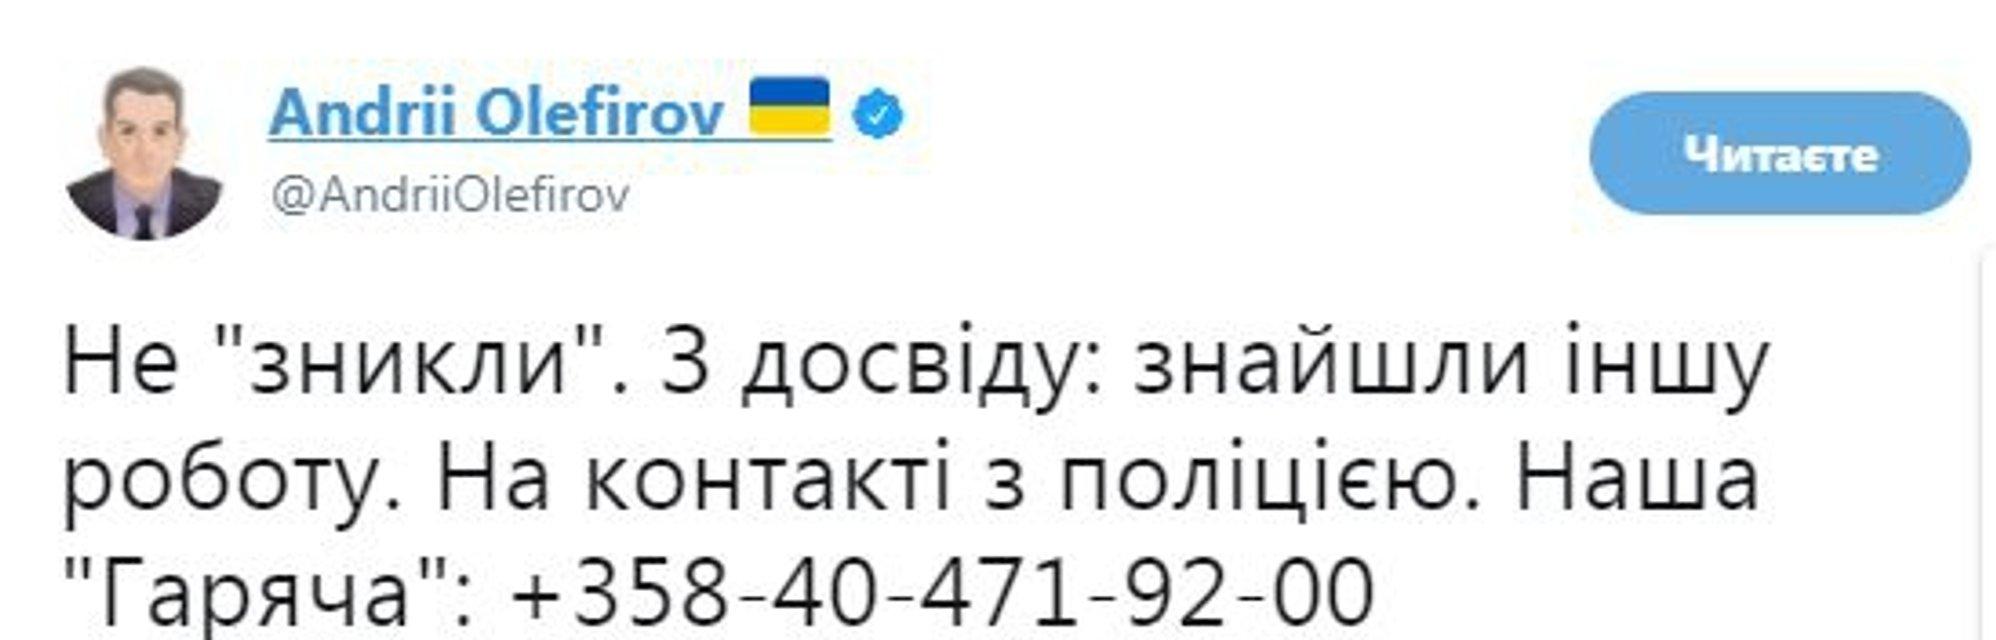 МИД Украины прокомментировал исчезновение заробитчан в Финляндии - фото 64911